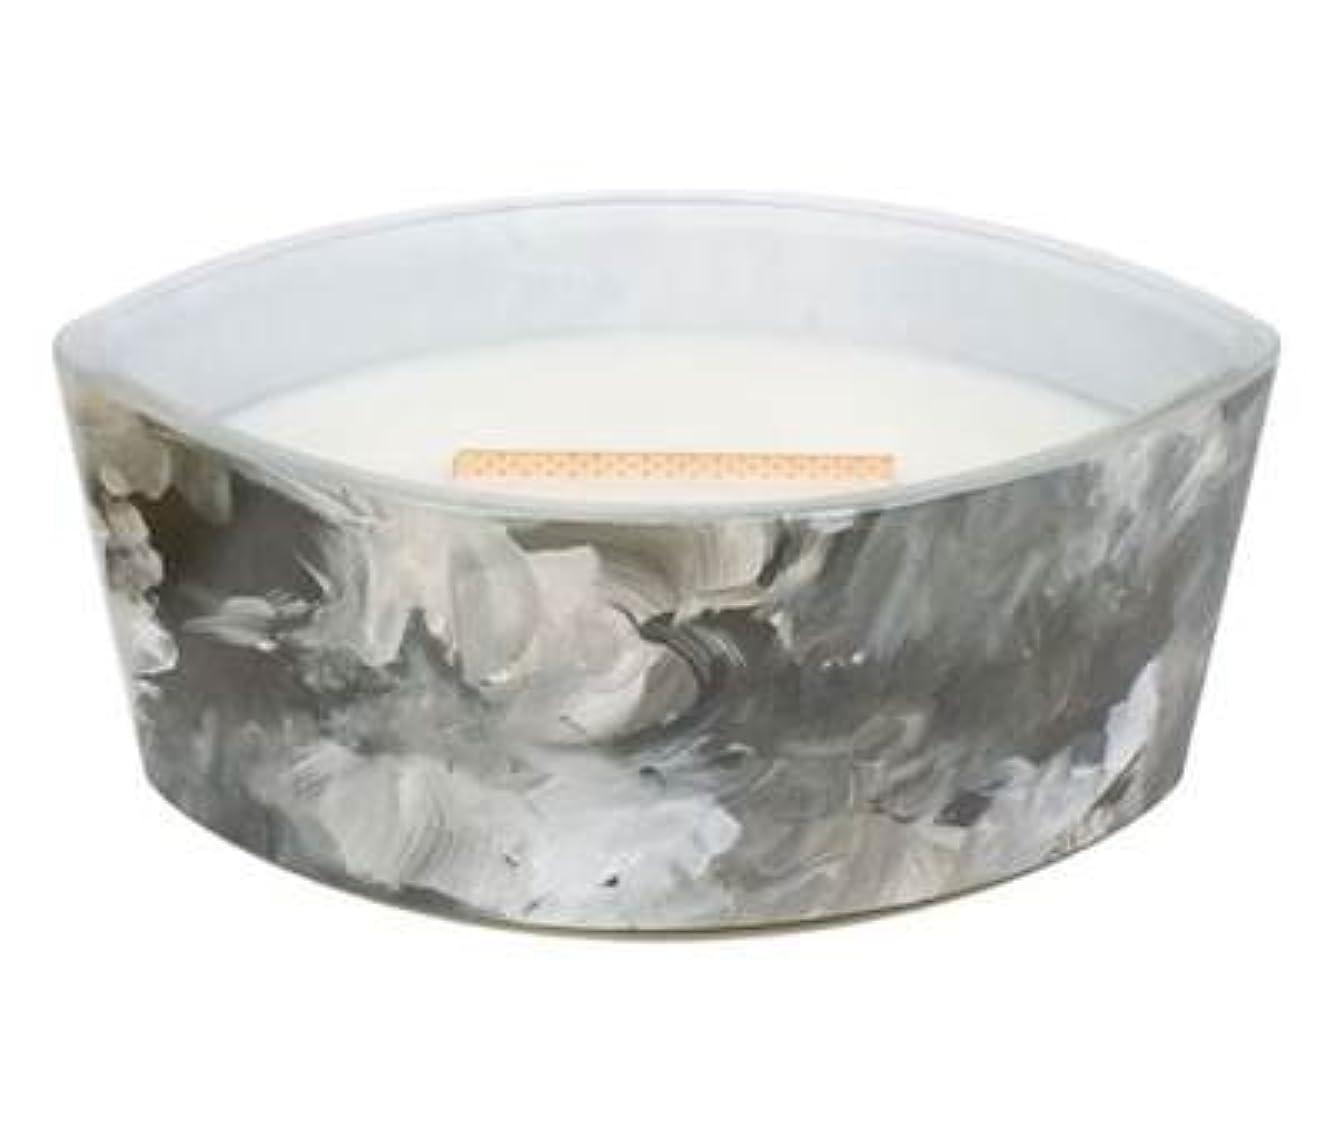 損傷体系的にカプセルブラックオレンジCitrus – アーティザンコレクション楕円WoodWick香りつきJar Candle